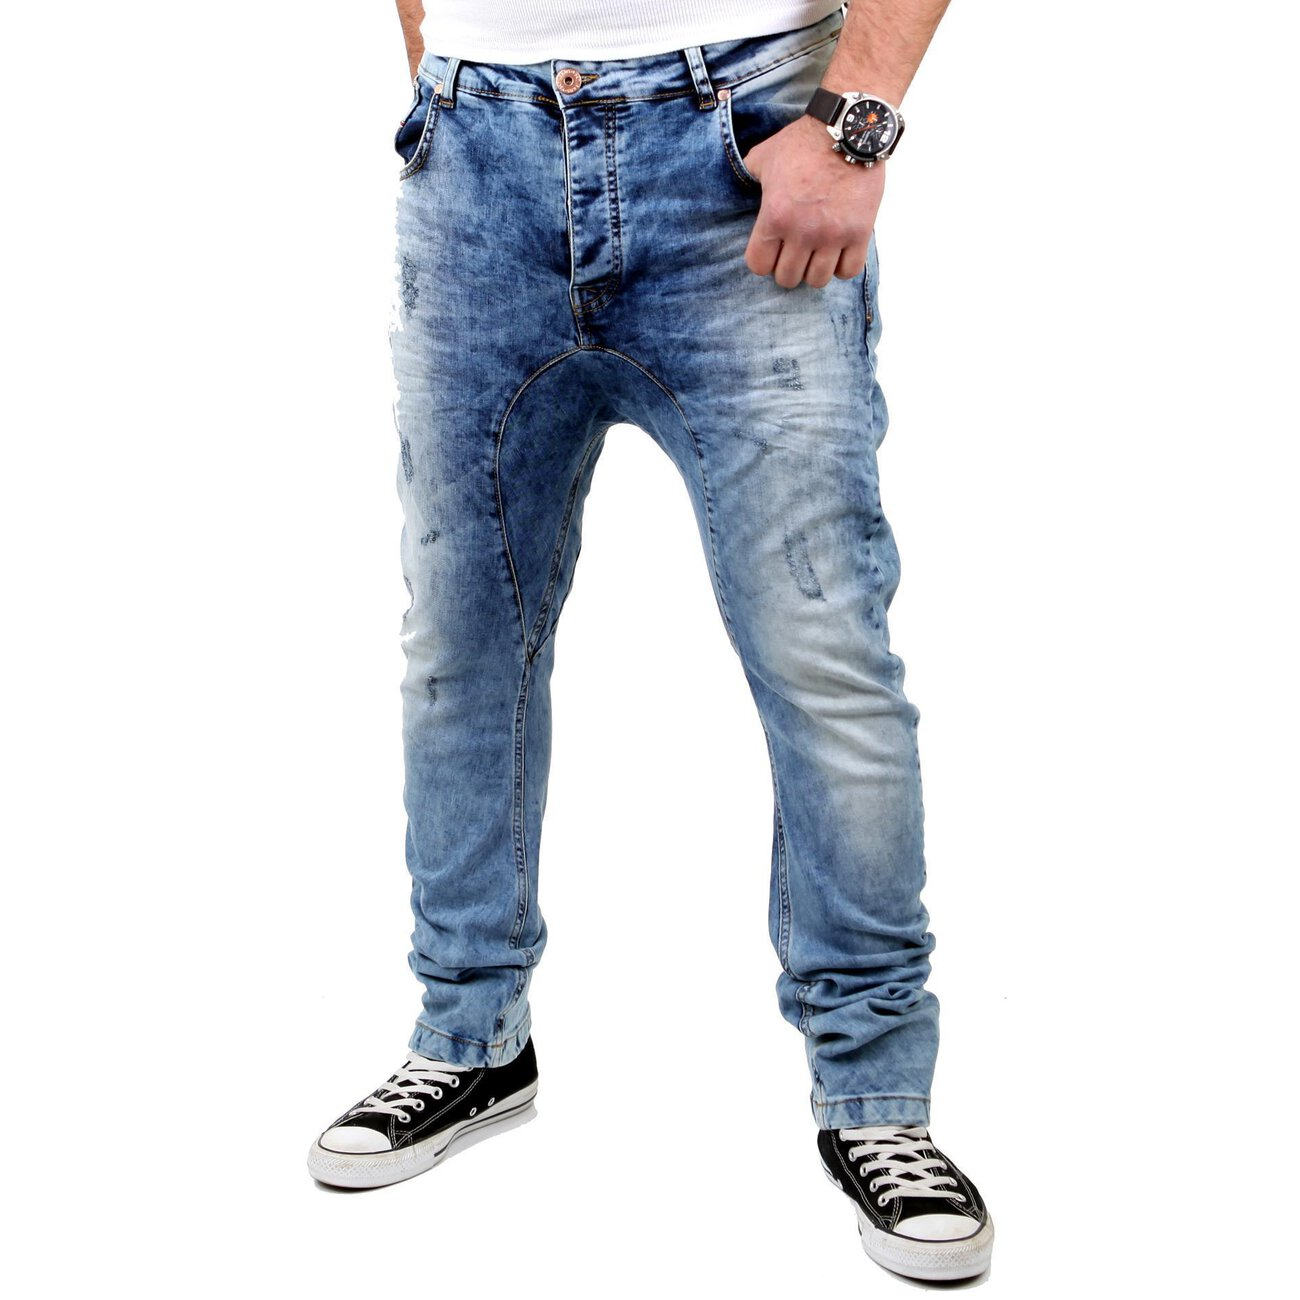 jeans spencer hellblau vsct low crotch jeans hose g nstig. Black Bedroom Furniture Sets. Home Design Ideas